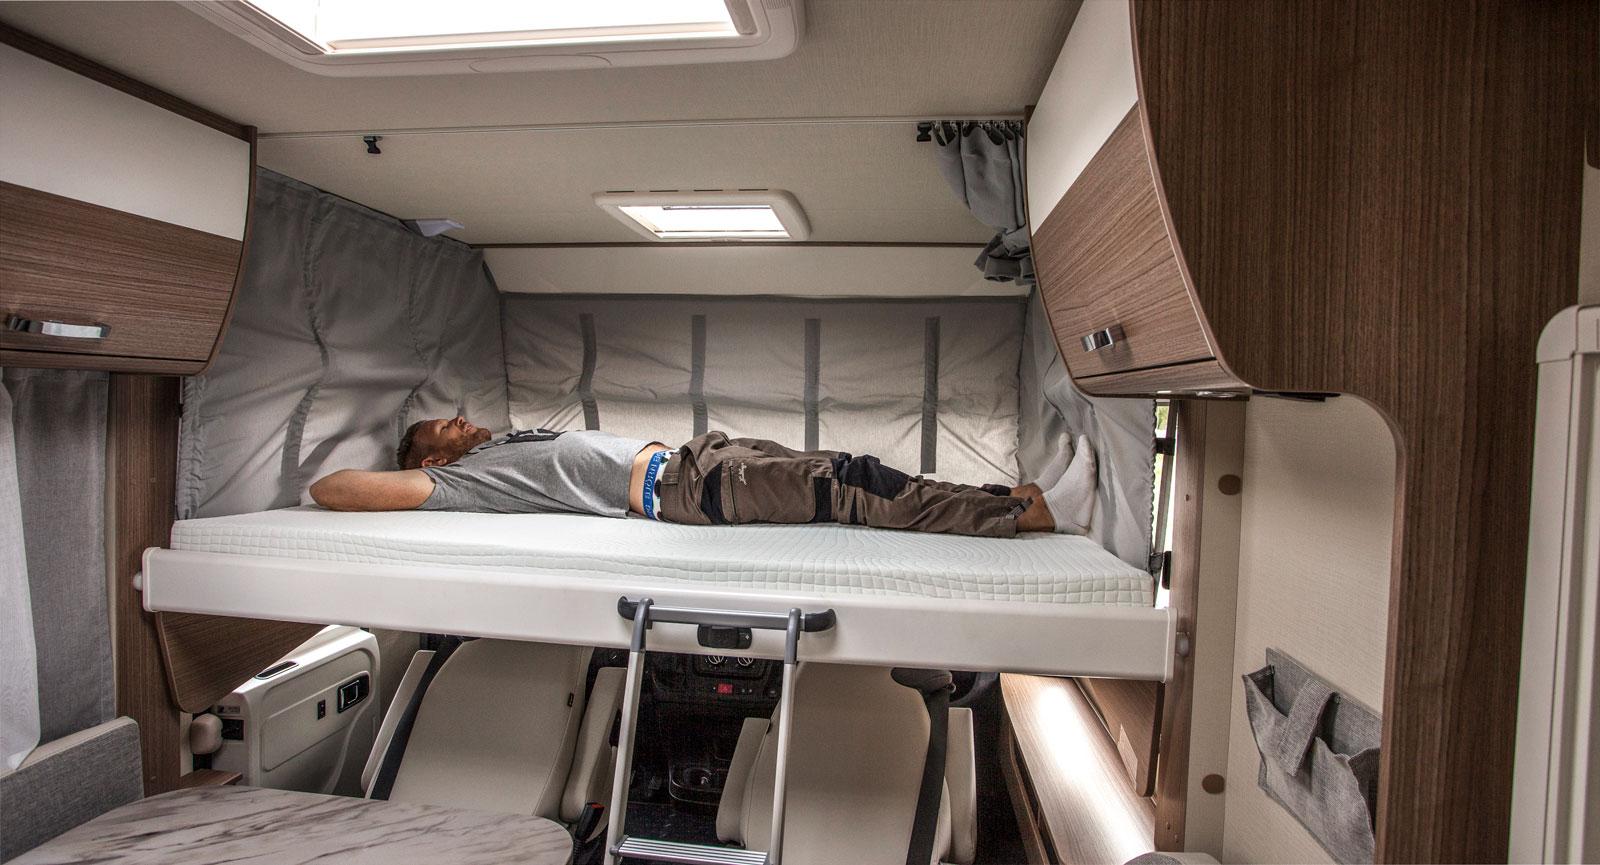 Sängen fälls enkelt ner efter att förar- och passagerarstolen har fällts framåt. Ett snabbt sätt att få fram en extrasäng!